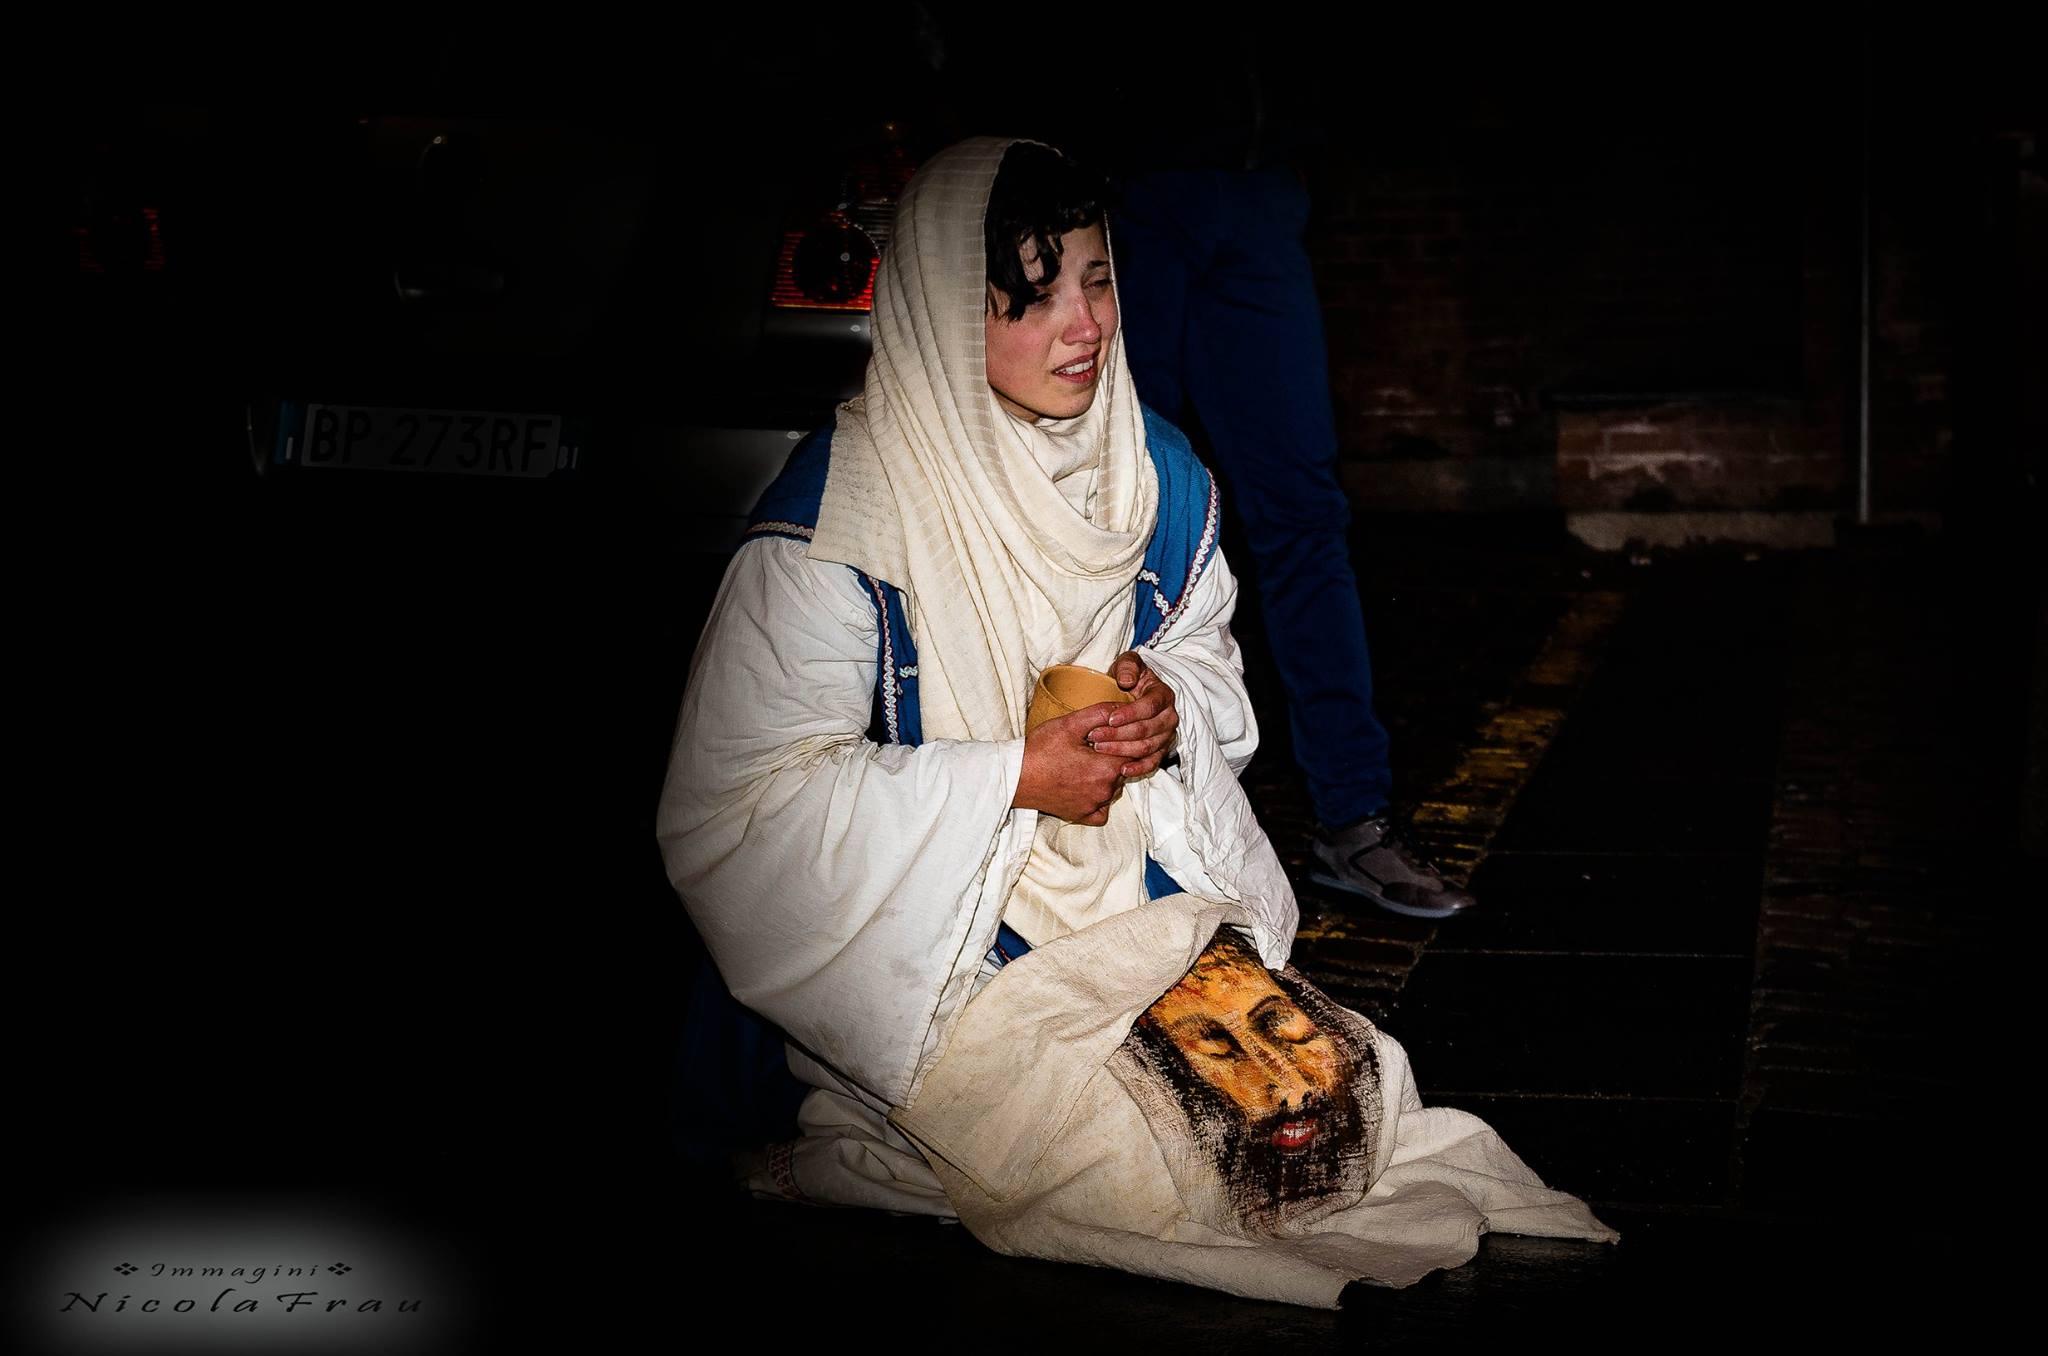 Passione di Cristo Ivrea 2017 - UNESCO - Nicola Frau (Santa Veronica)